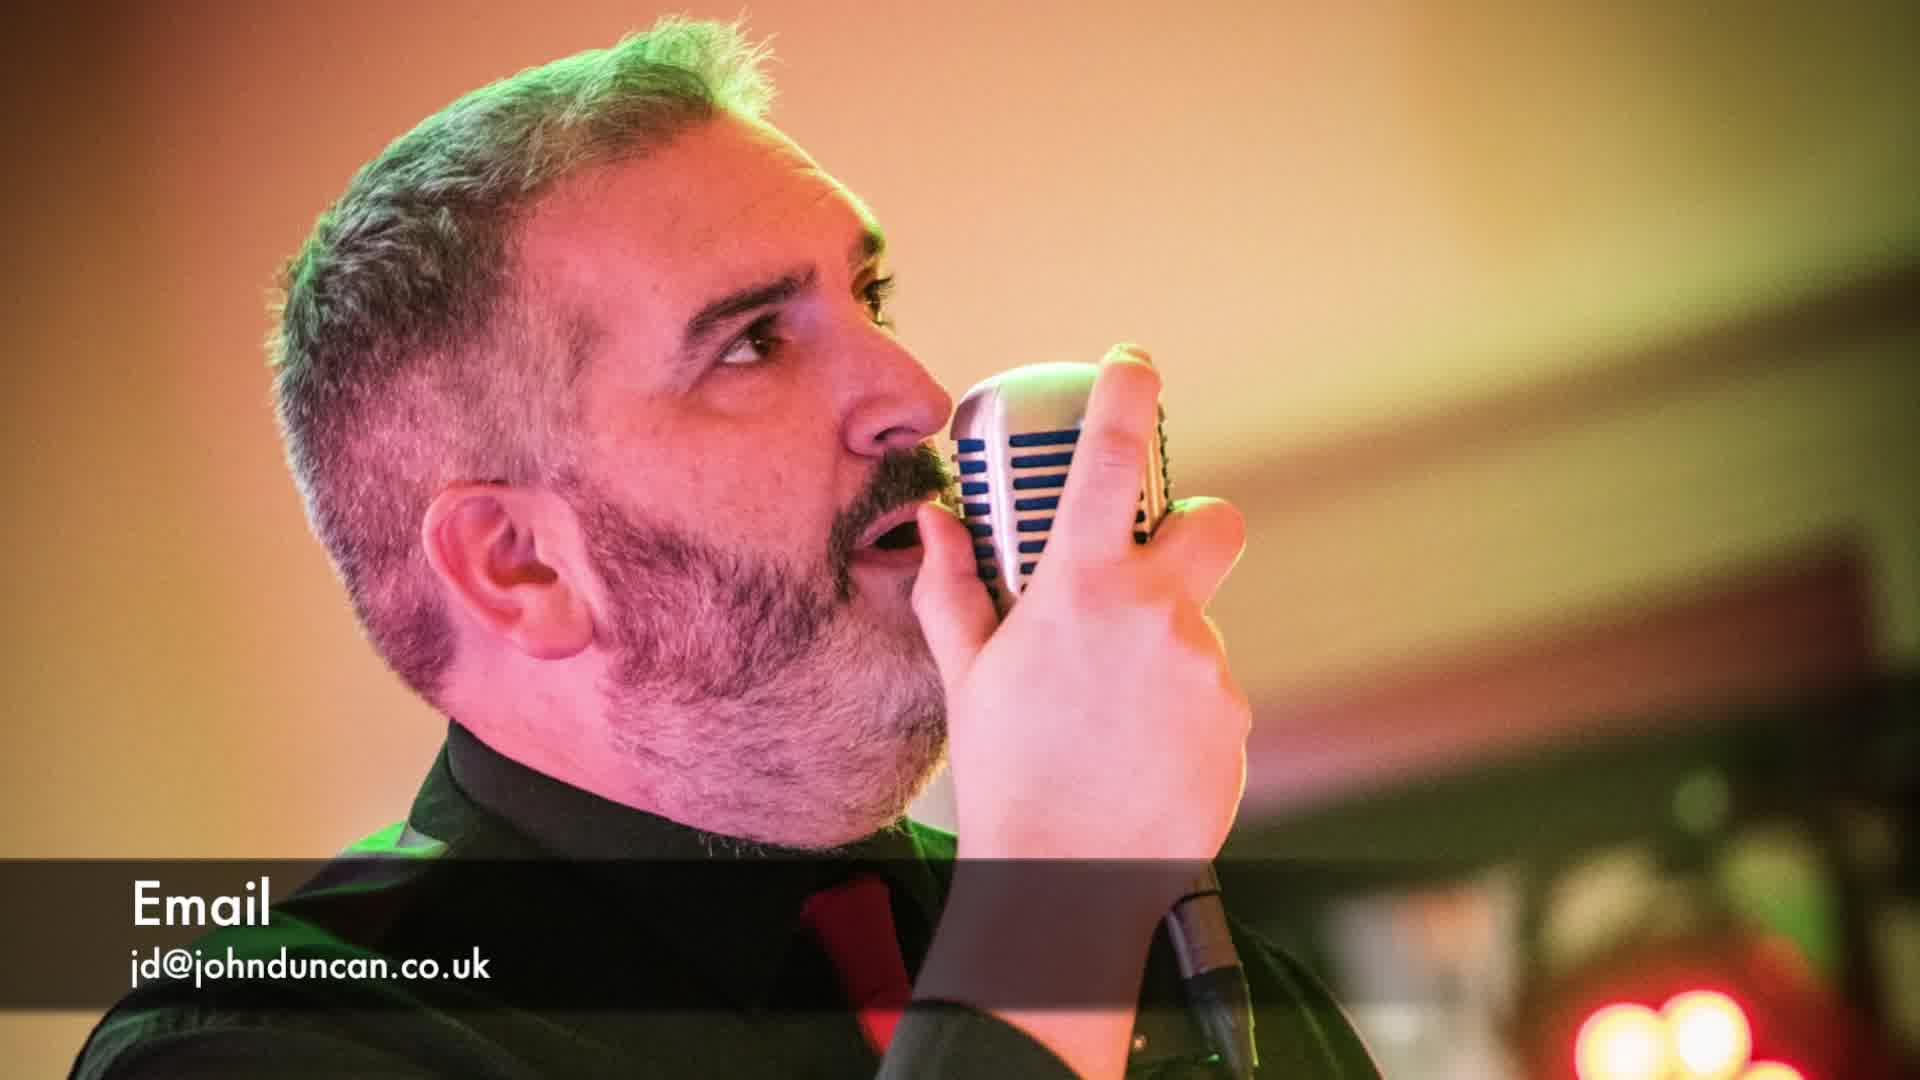 JD Sings...Take on me